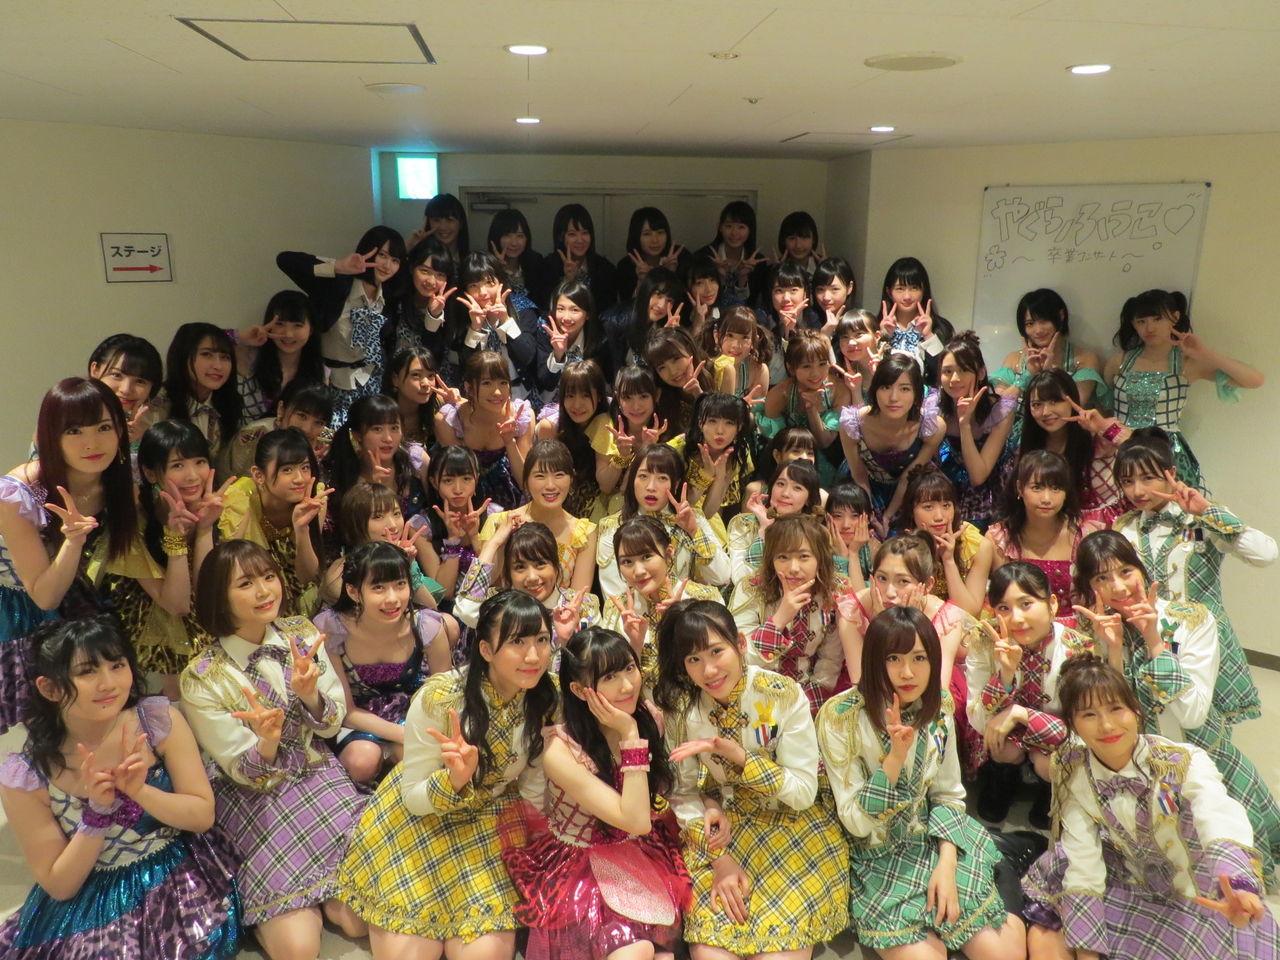 【NMB48】矢倉楓子『卒業コンサートinオリックス劇場』公演後メンバーの反応など